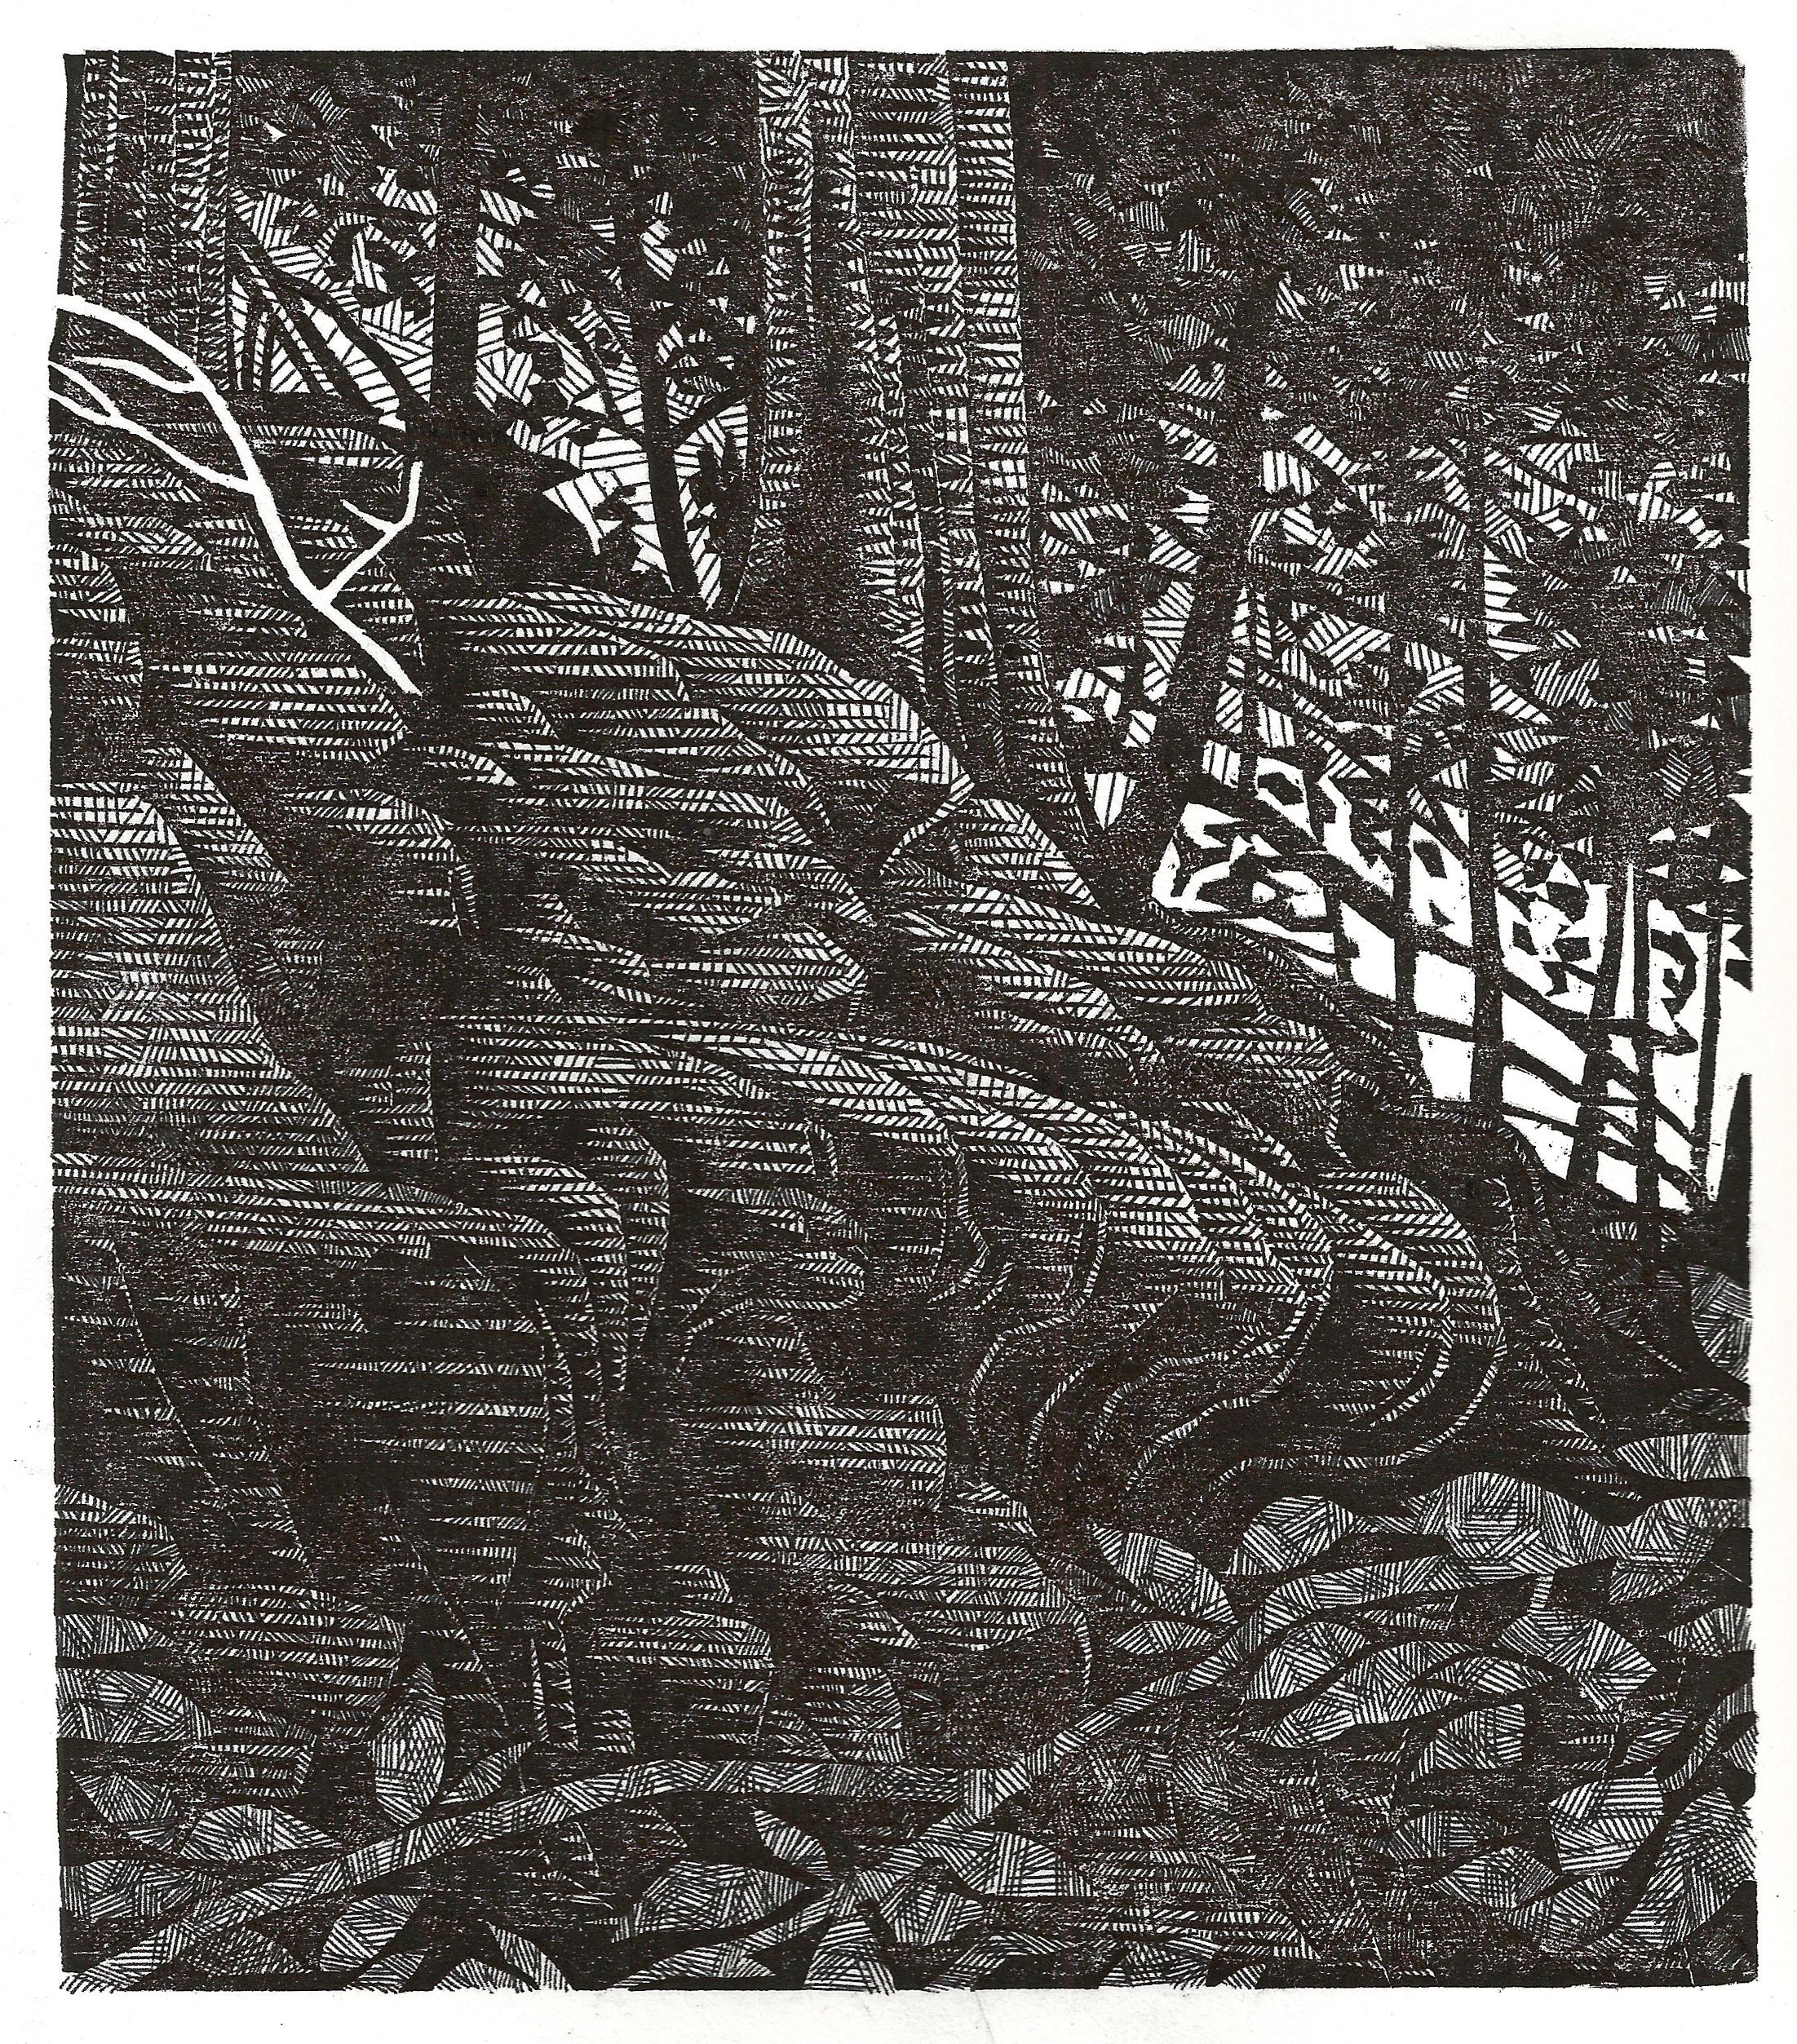 Relief print, pen & ink, 2014